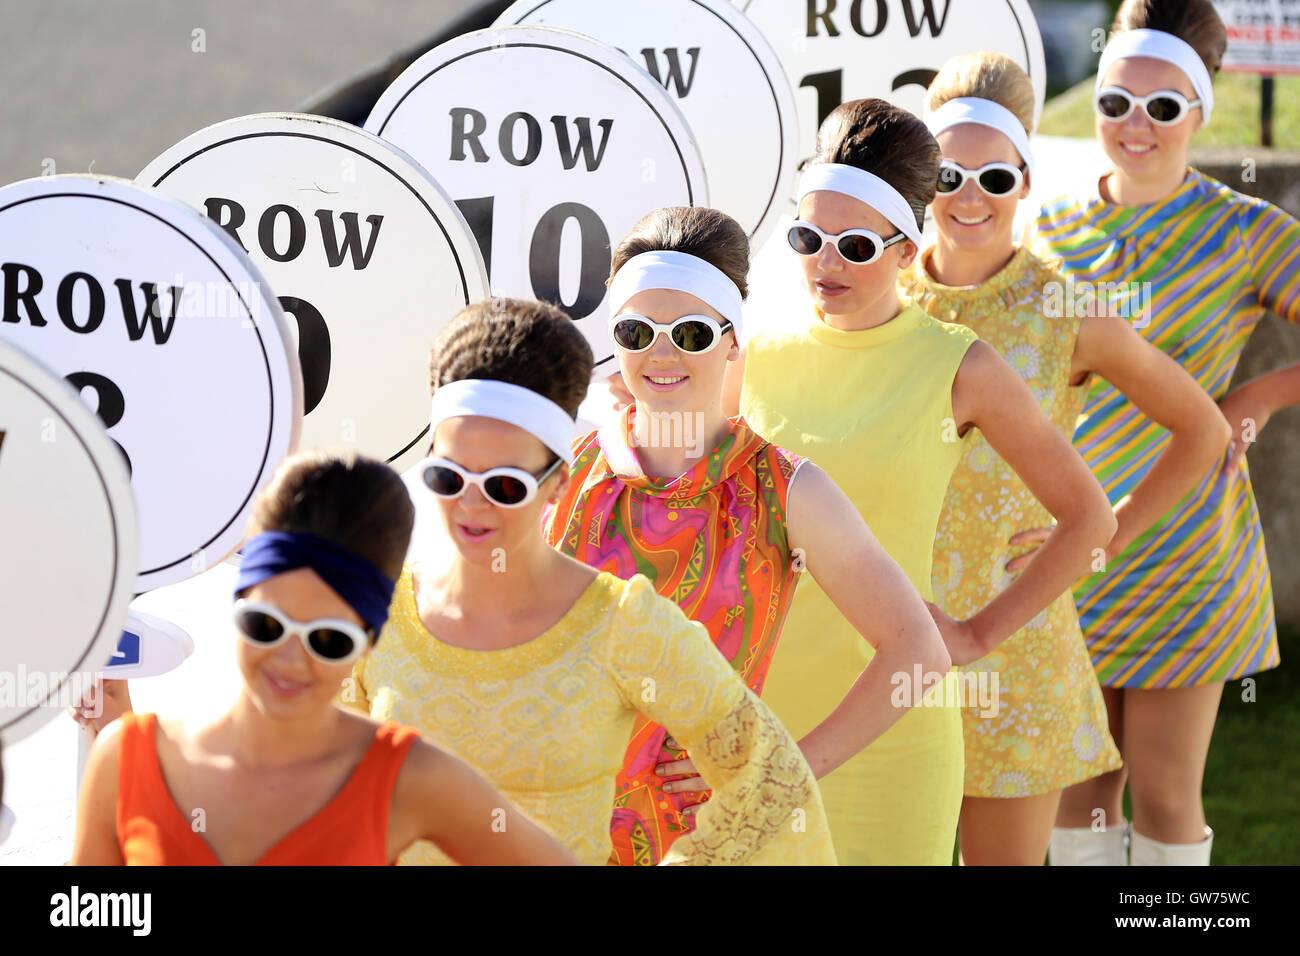 Chichester, UK. 11. September 2016. Goodwood Grid Girls.  Das Goodwood Revival ist eine dreitägige Festival Stockbild